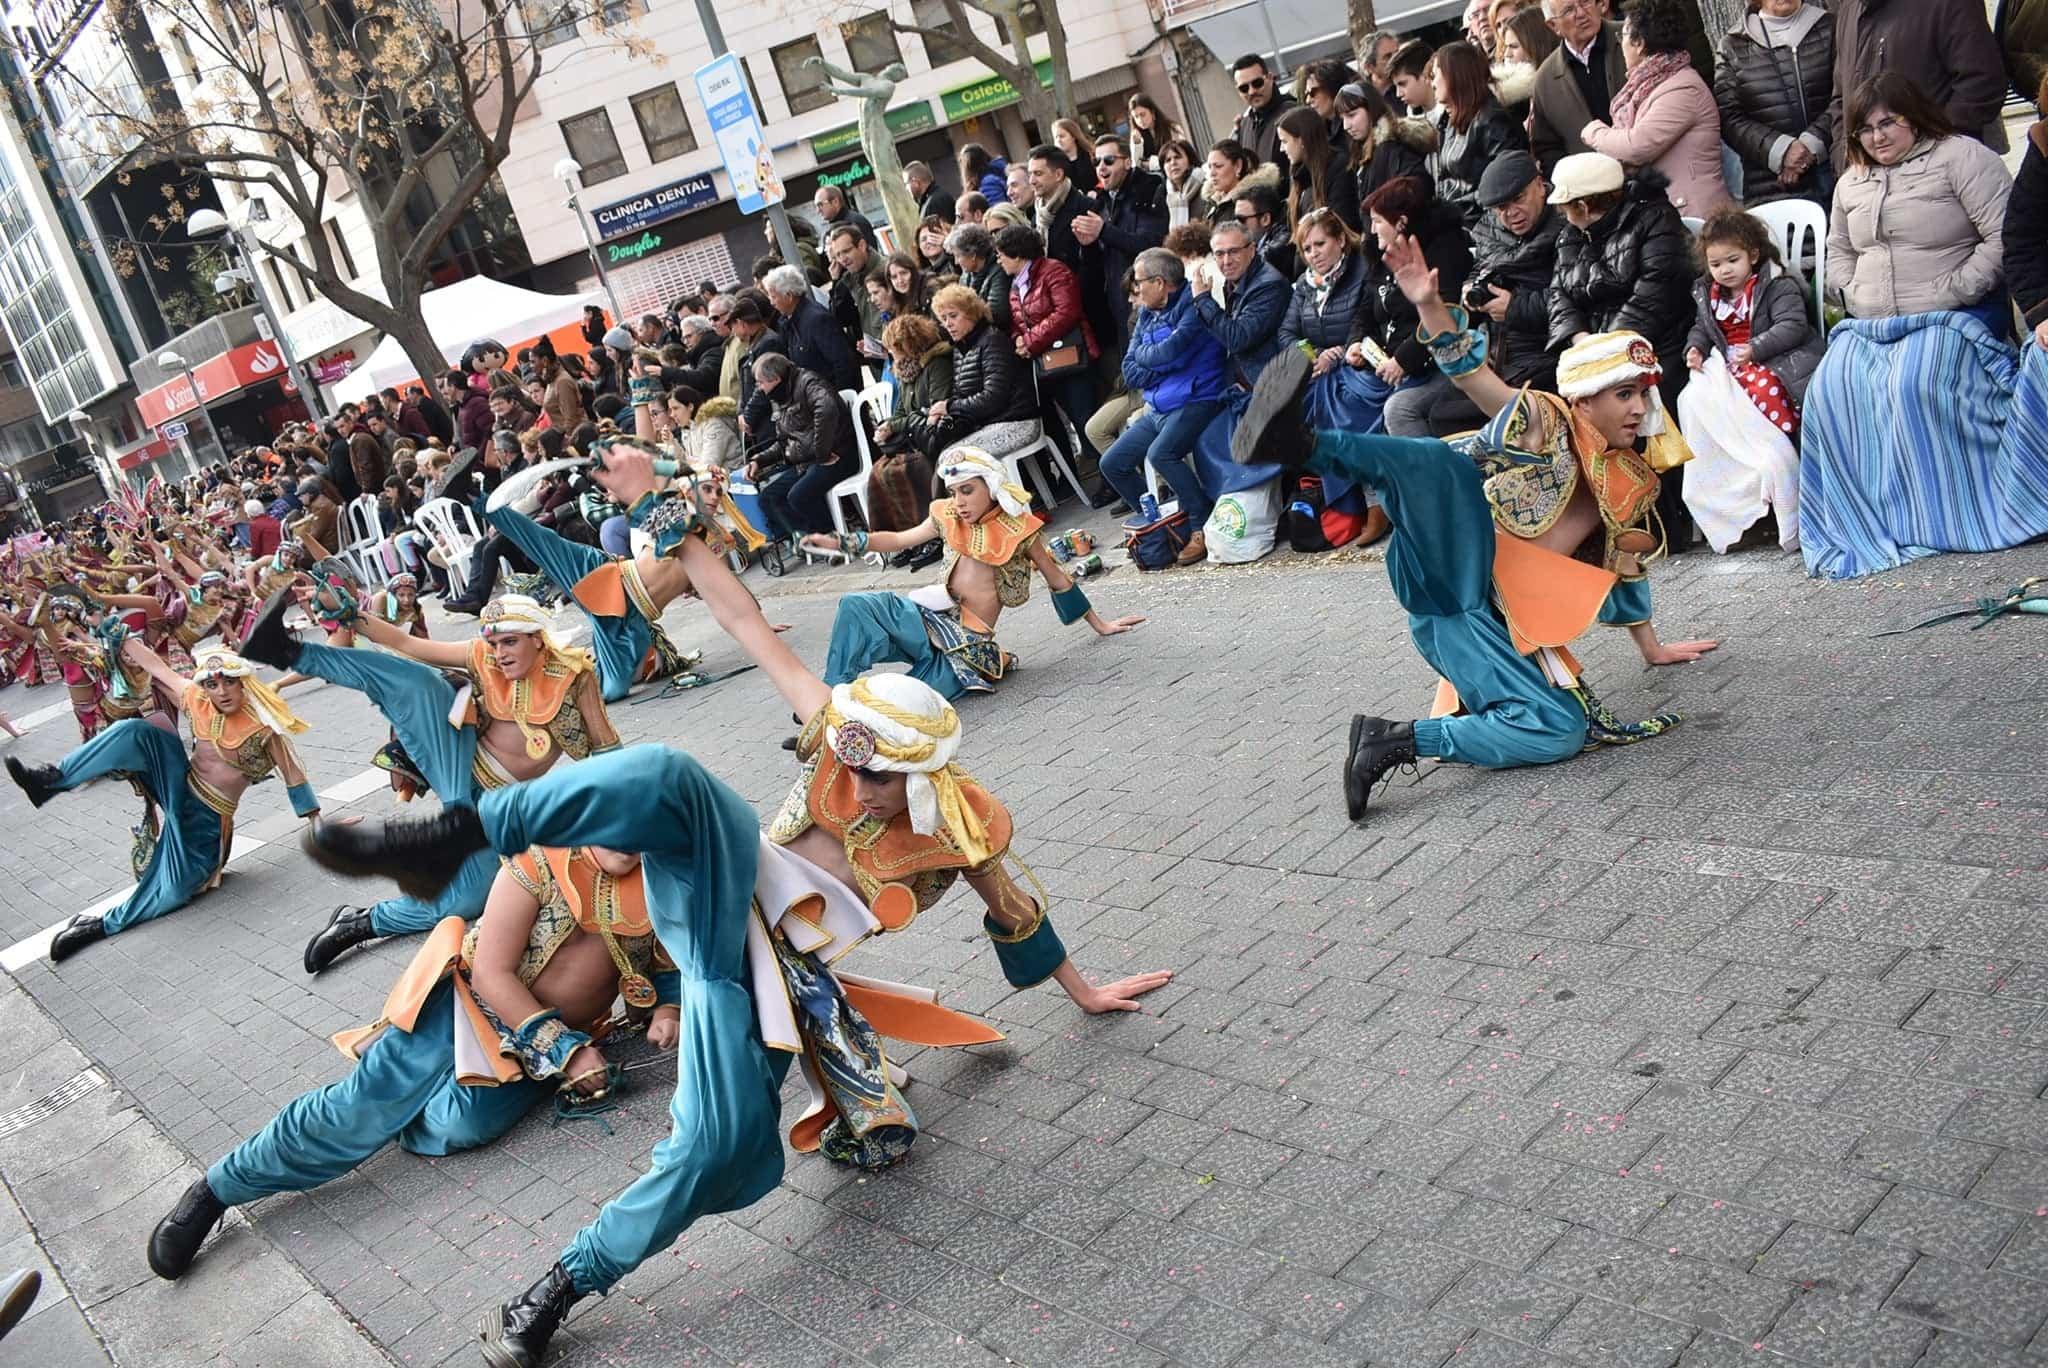 Carnaval de ciudad real 2020 axonsou arlequin oro herencia 11 - Axonsou se lleva el Arlequín de Oro en Ciudad Real